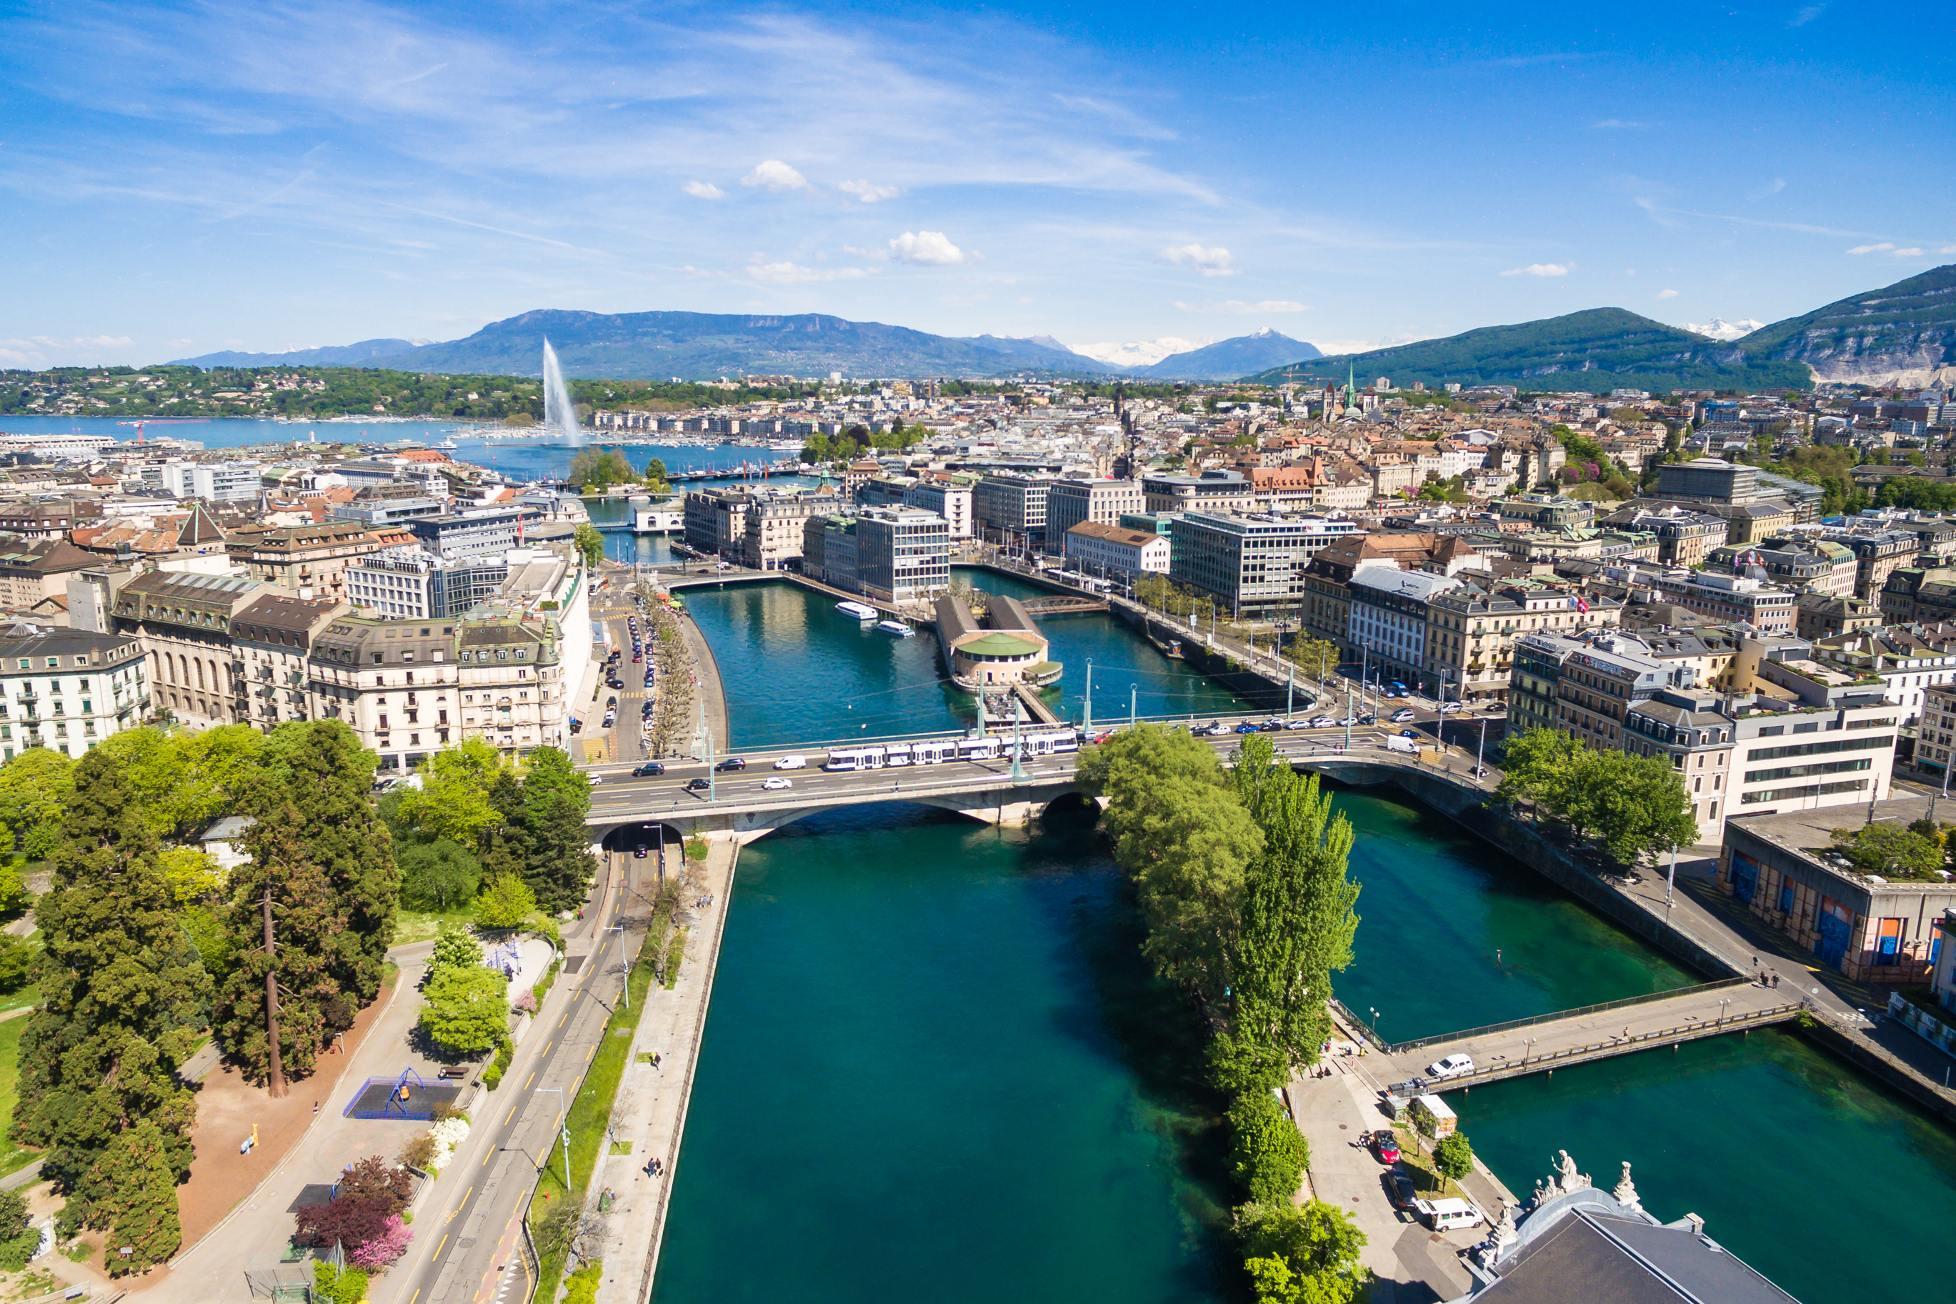 pohled z výšky na ženevské jezero